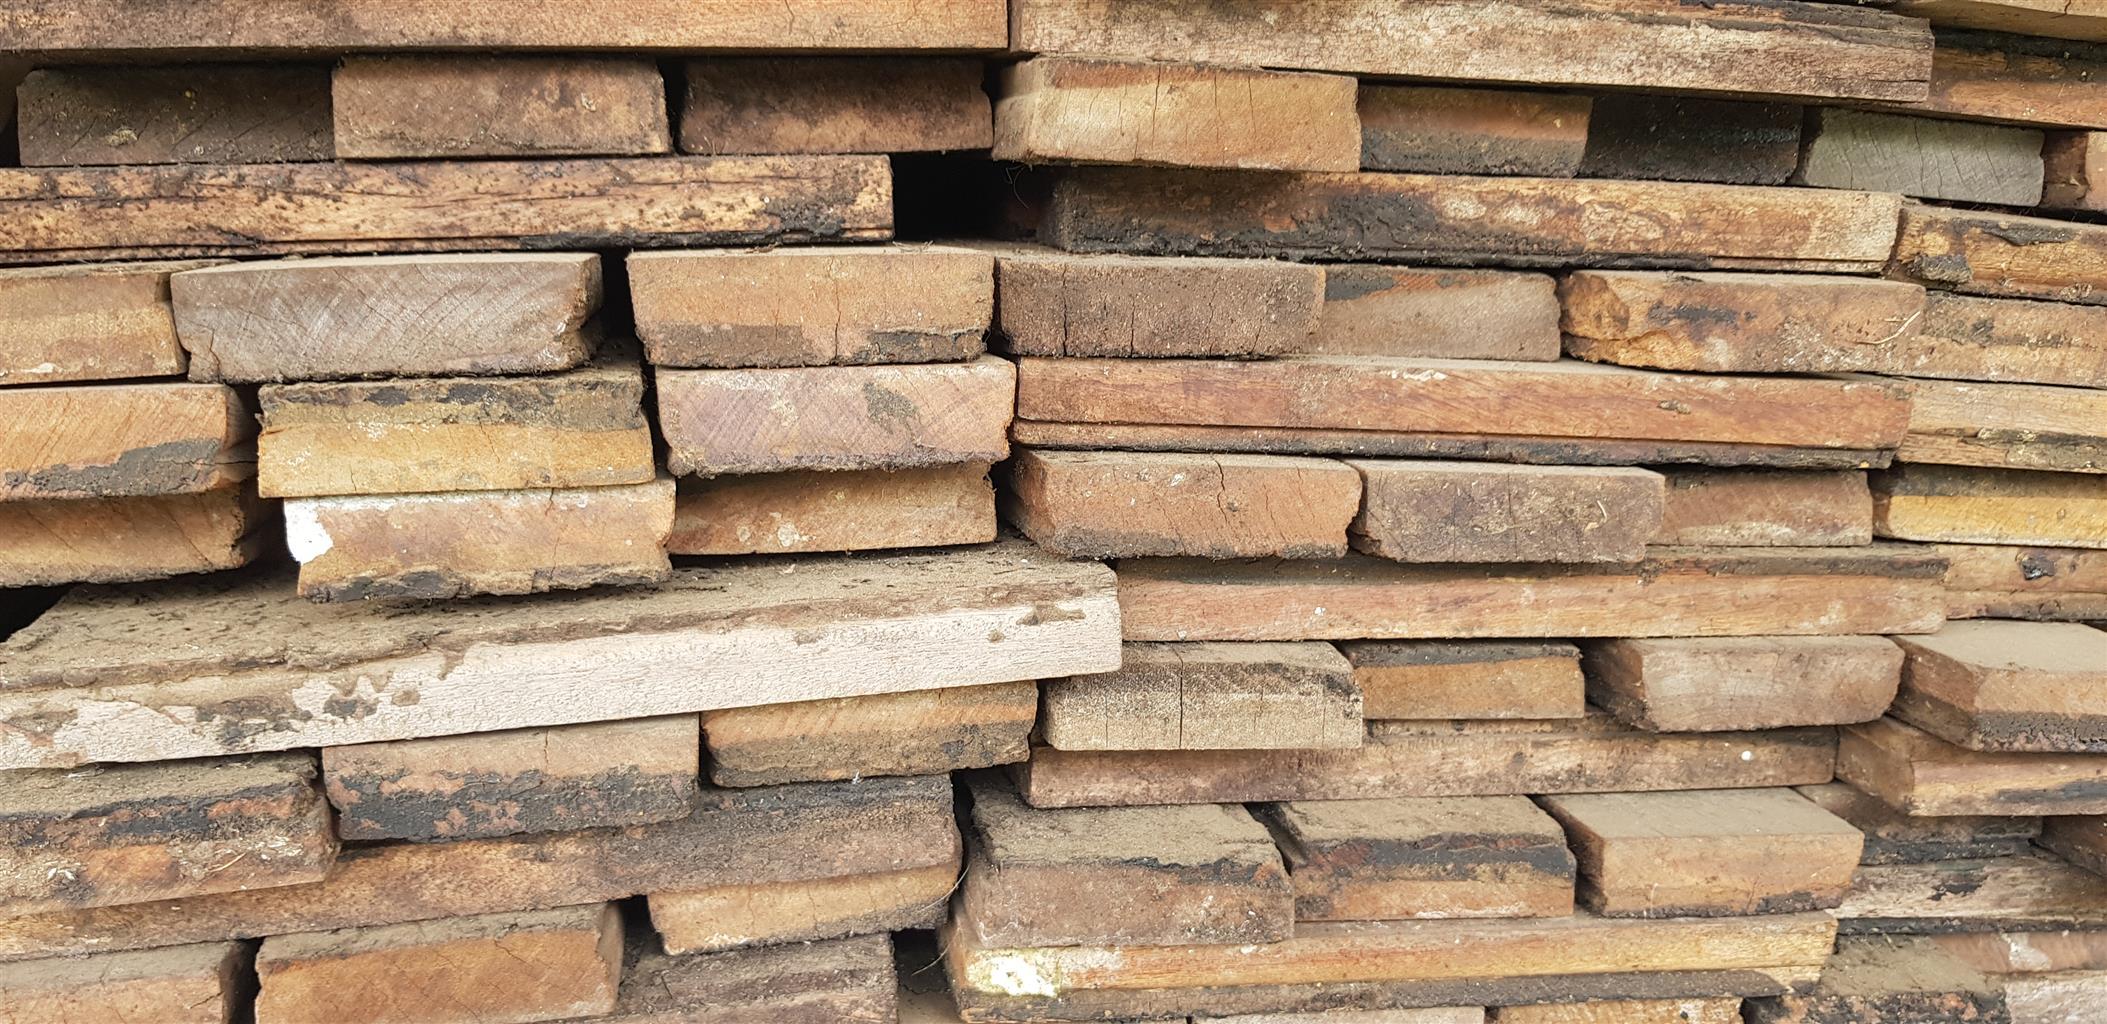 Parquet flooring wooden blocks